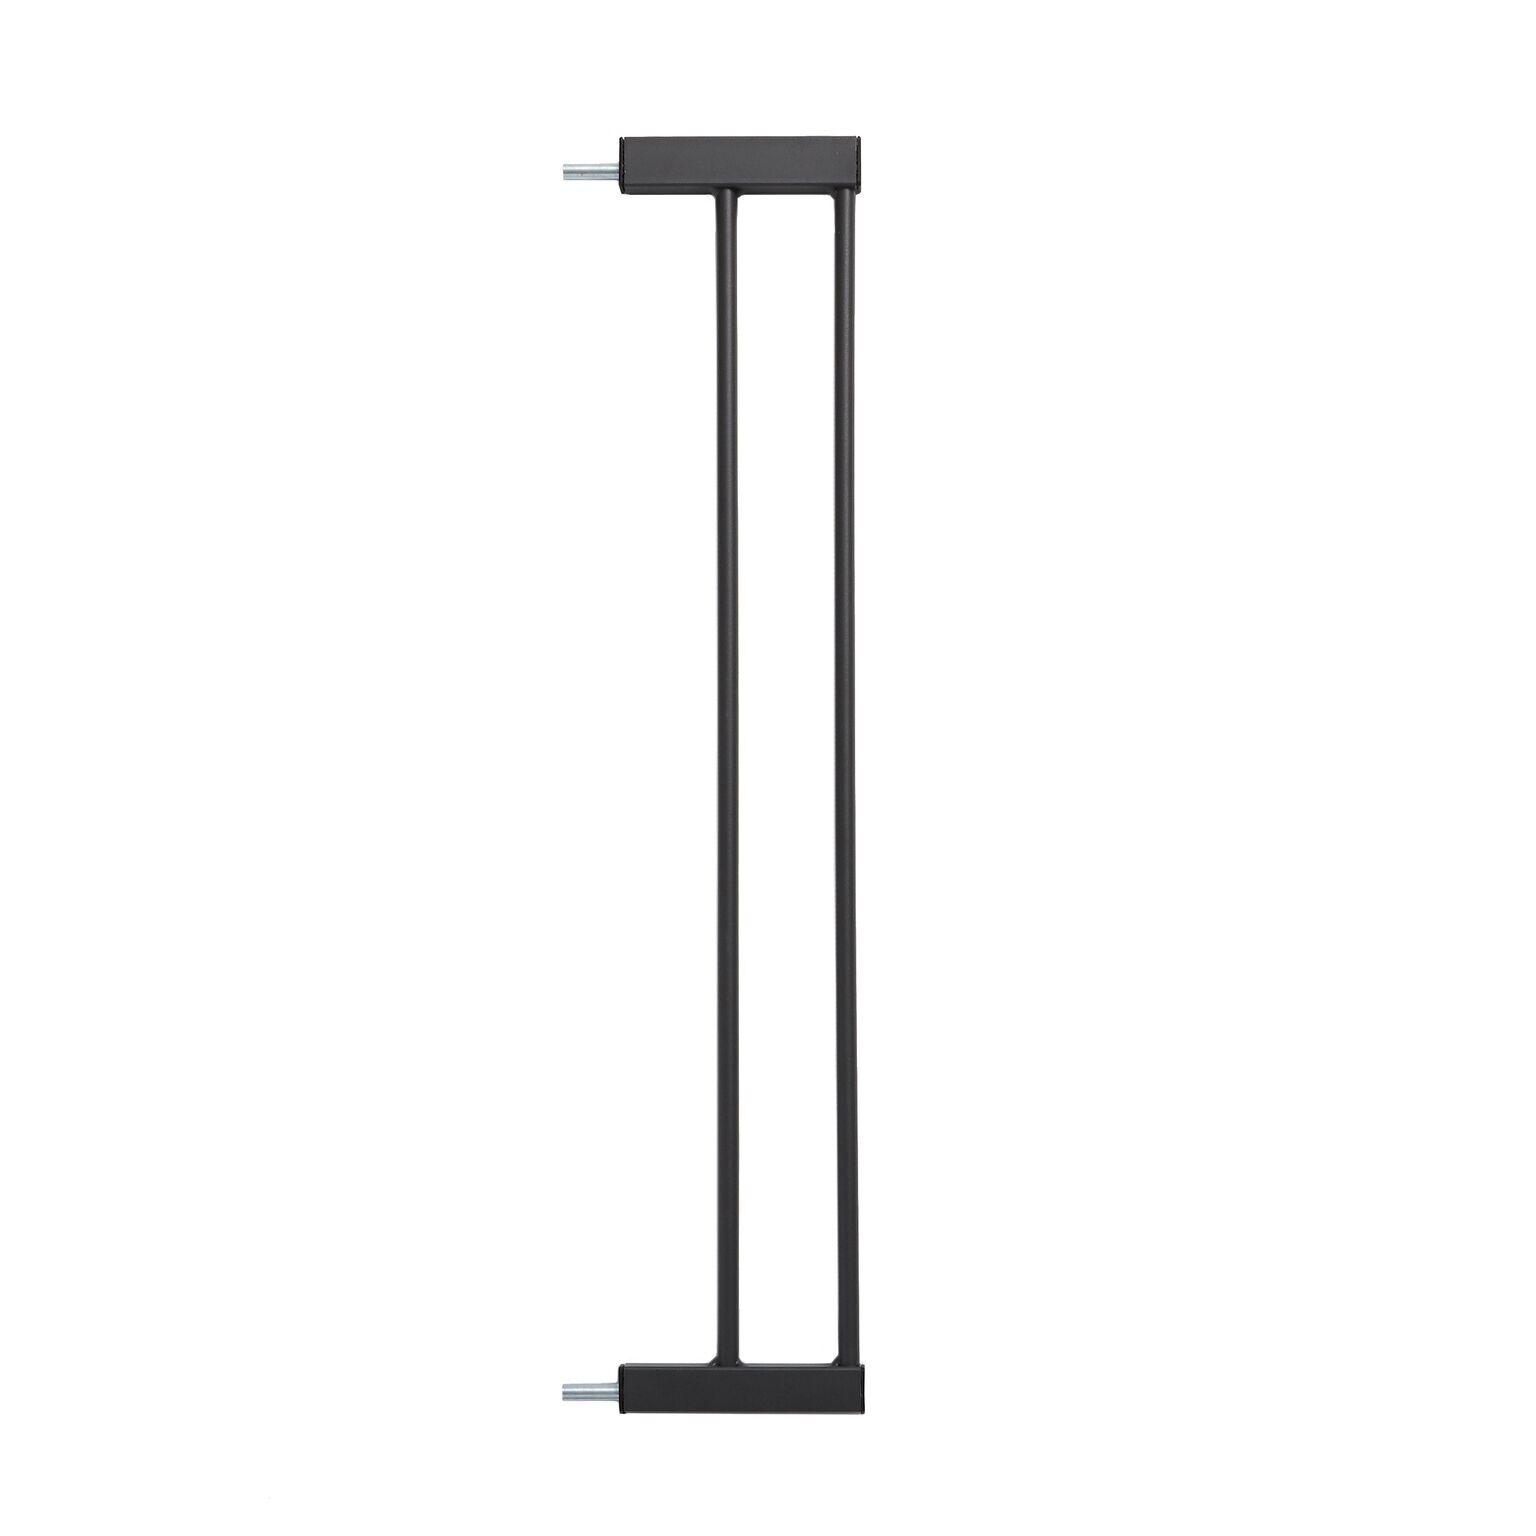 Glow Stripe Pet Gate Extension Size: 39